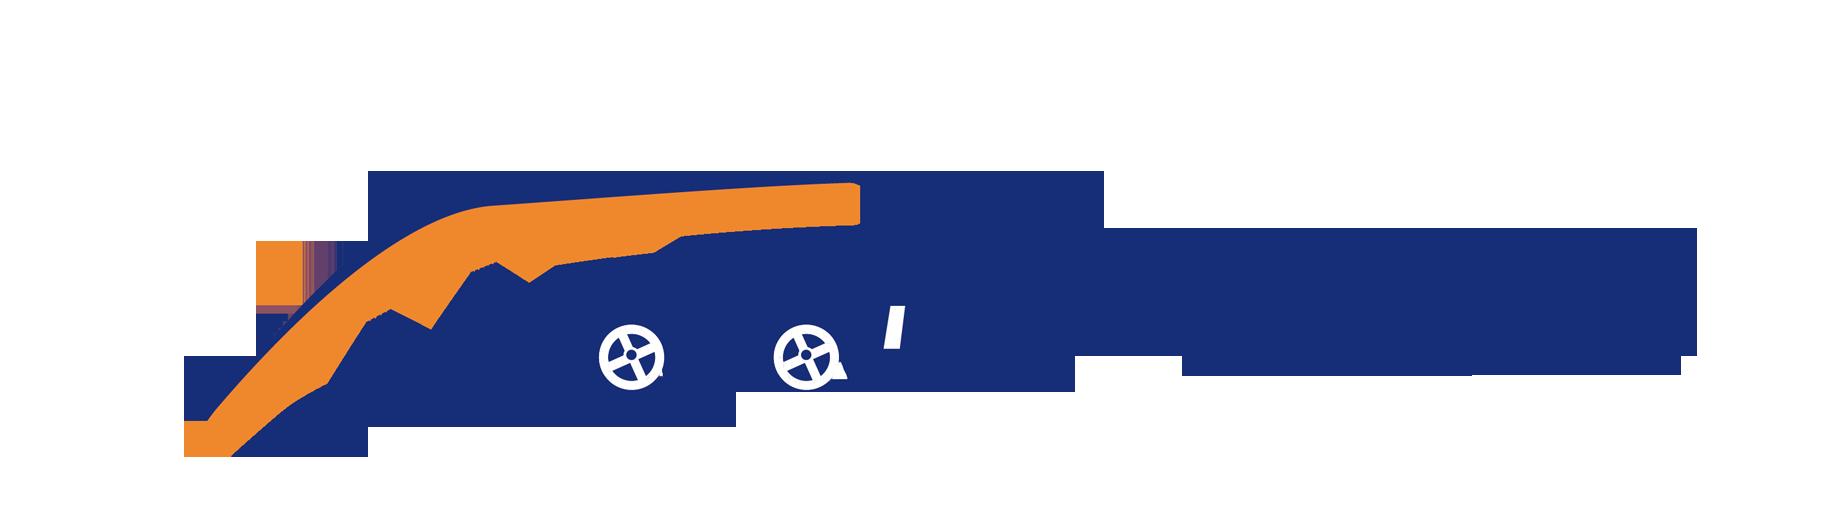 青島卡爾賽德棚業有限公司.